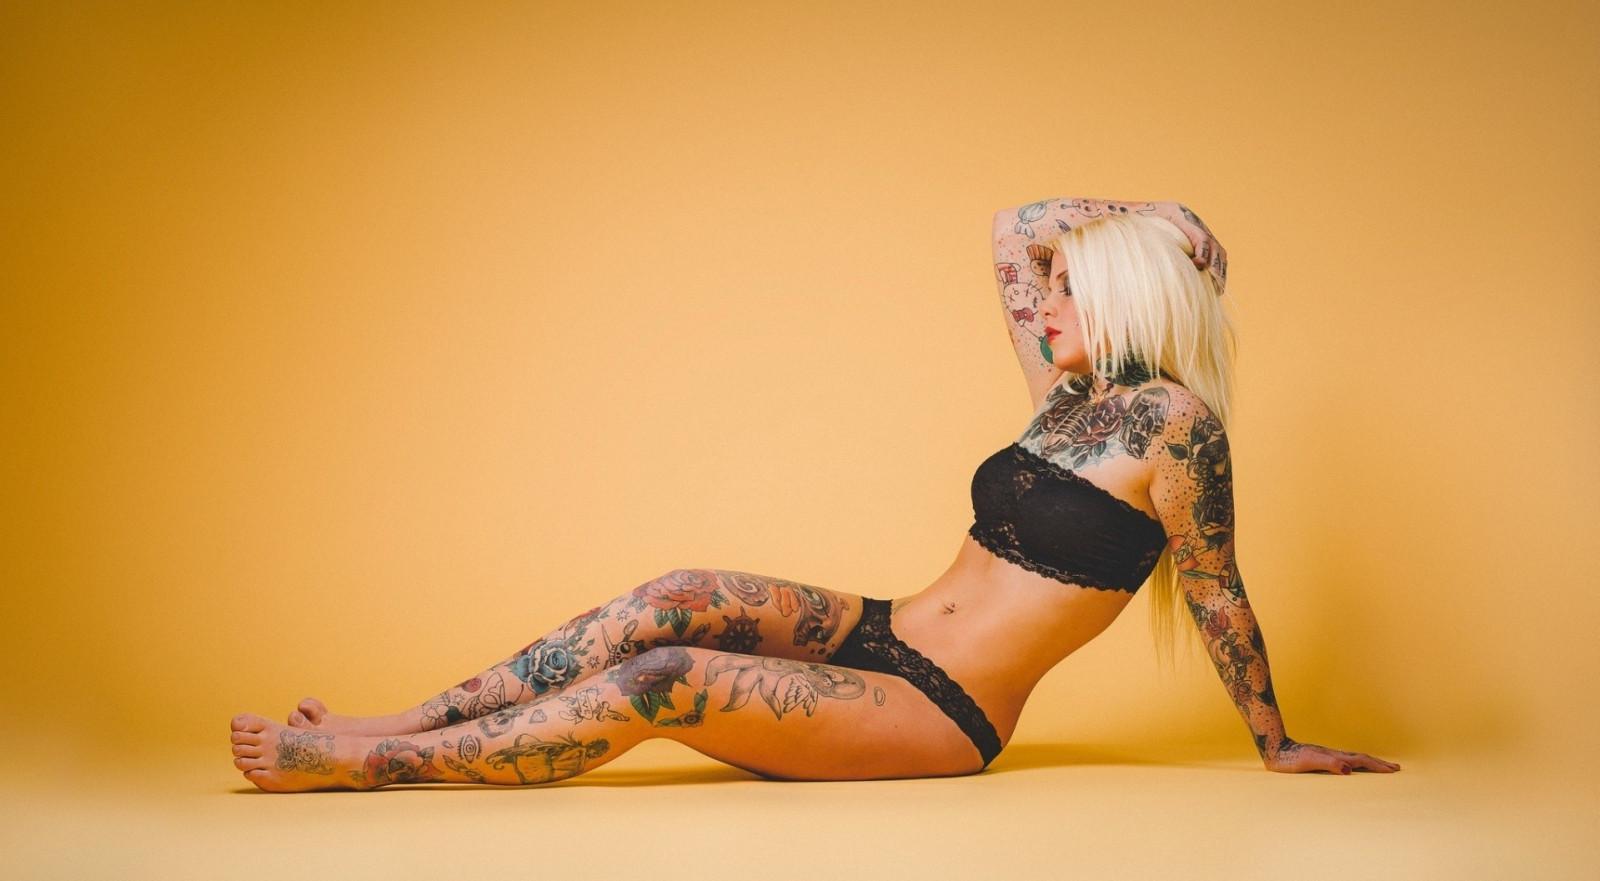 Тату у баб, Женские татуировки Интимные татуфотографий 15 фотография